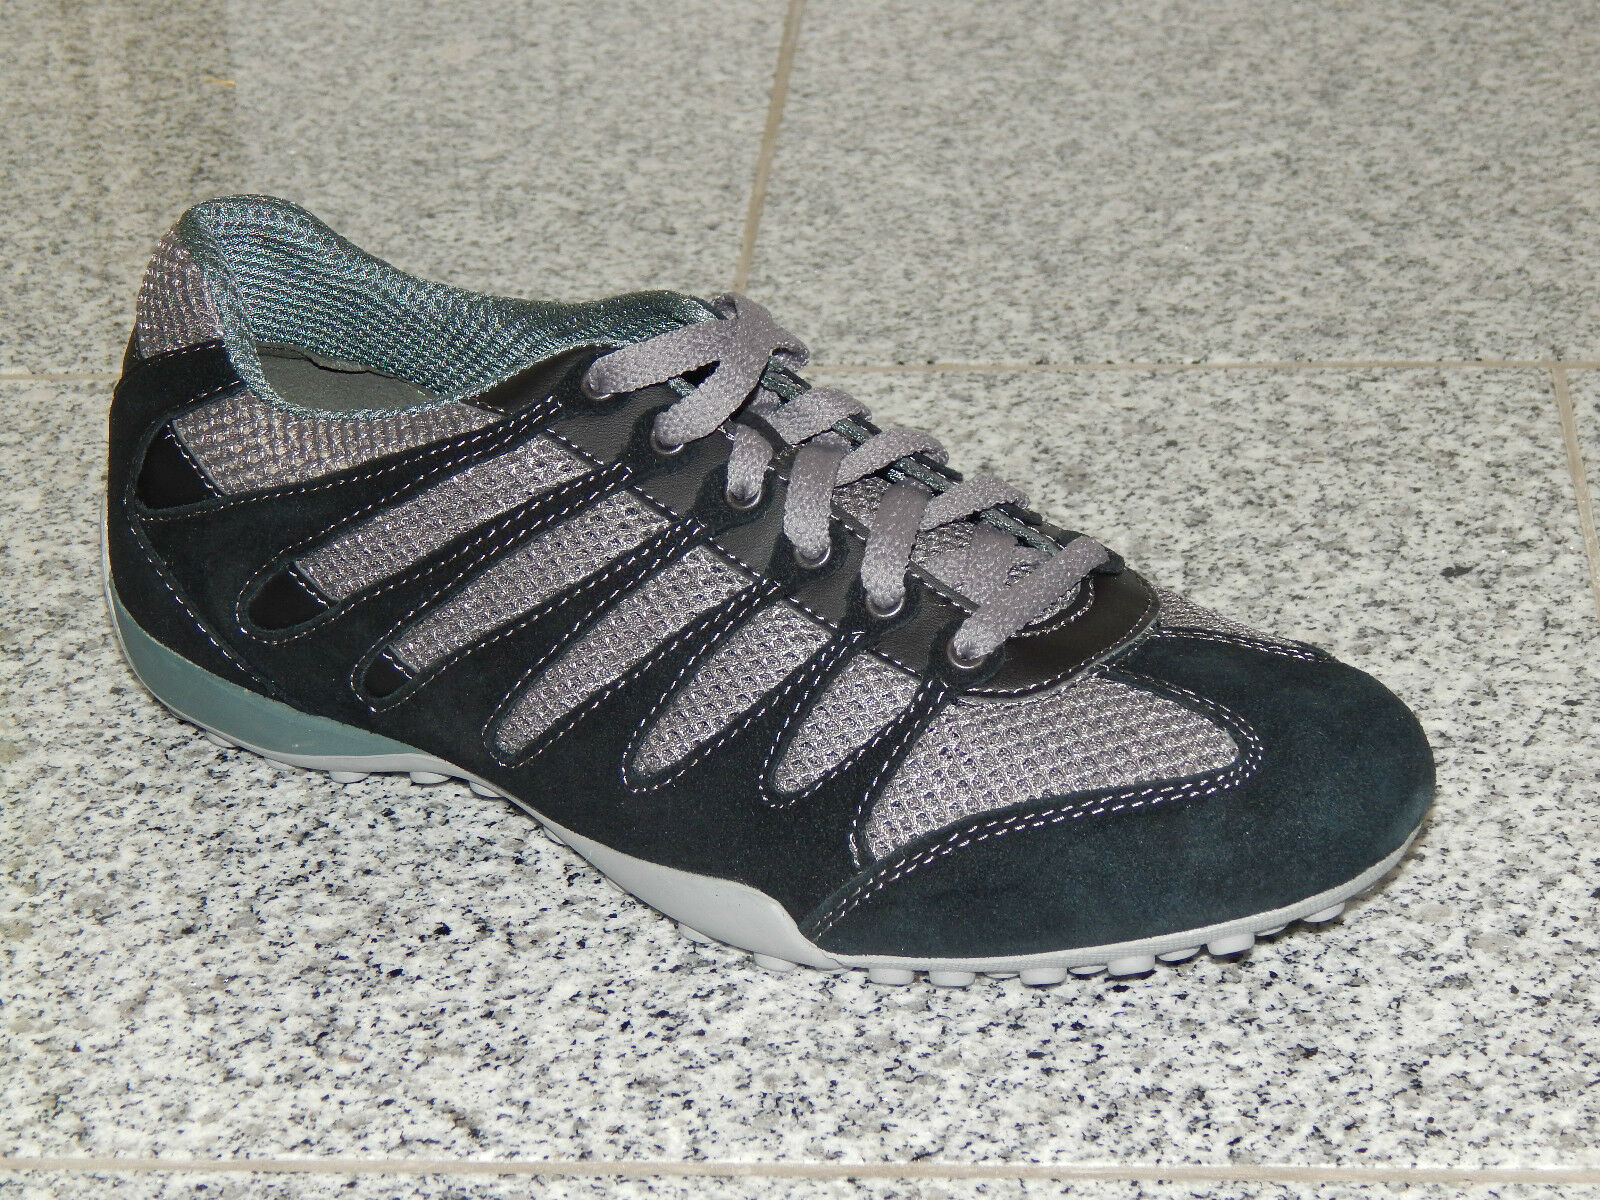 Geox - Herren Schuh Sneaker  SNAKE B - U4207B U4207B U4207B 40, 41, 42, 43, 44, 45, 46, 47 neu 75c24d